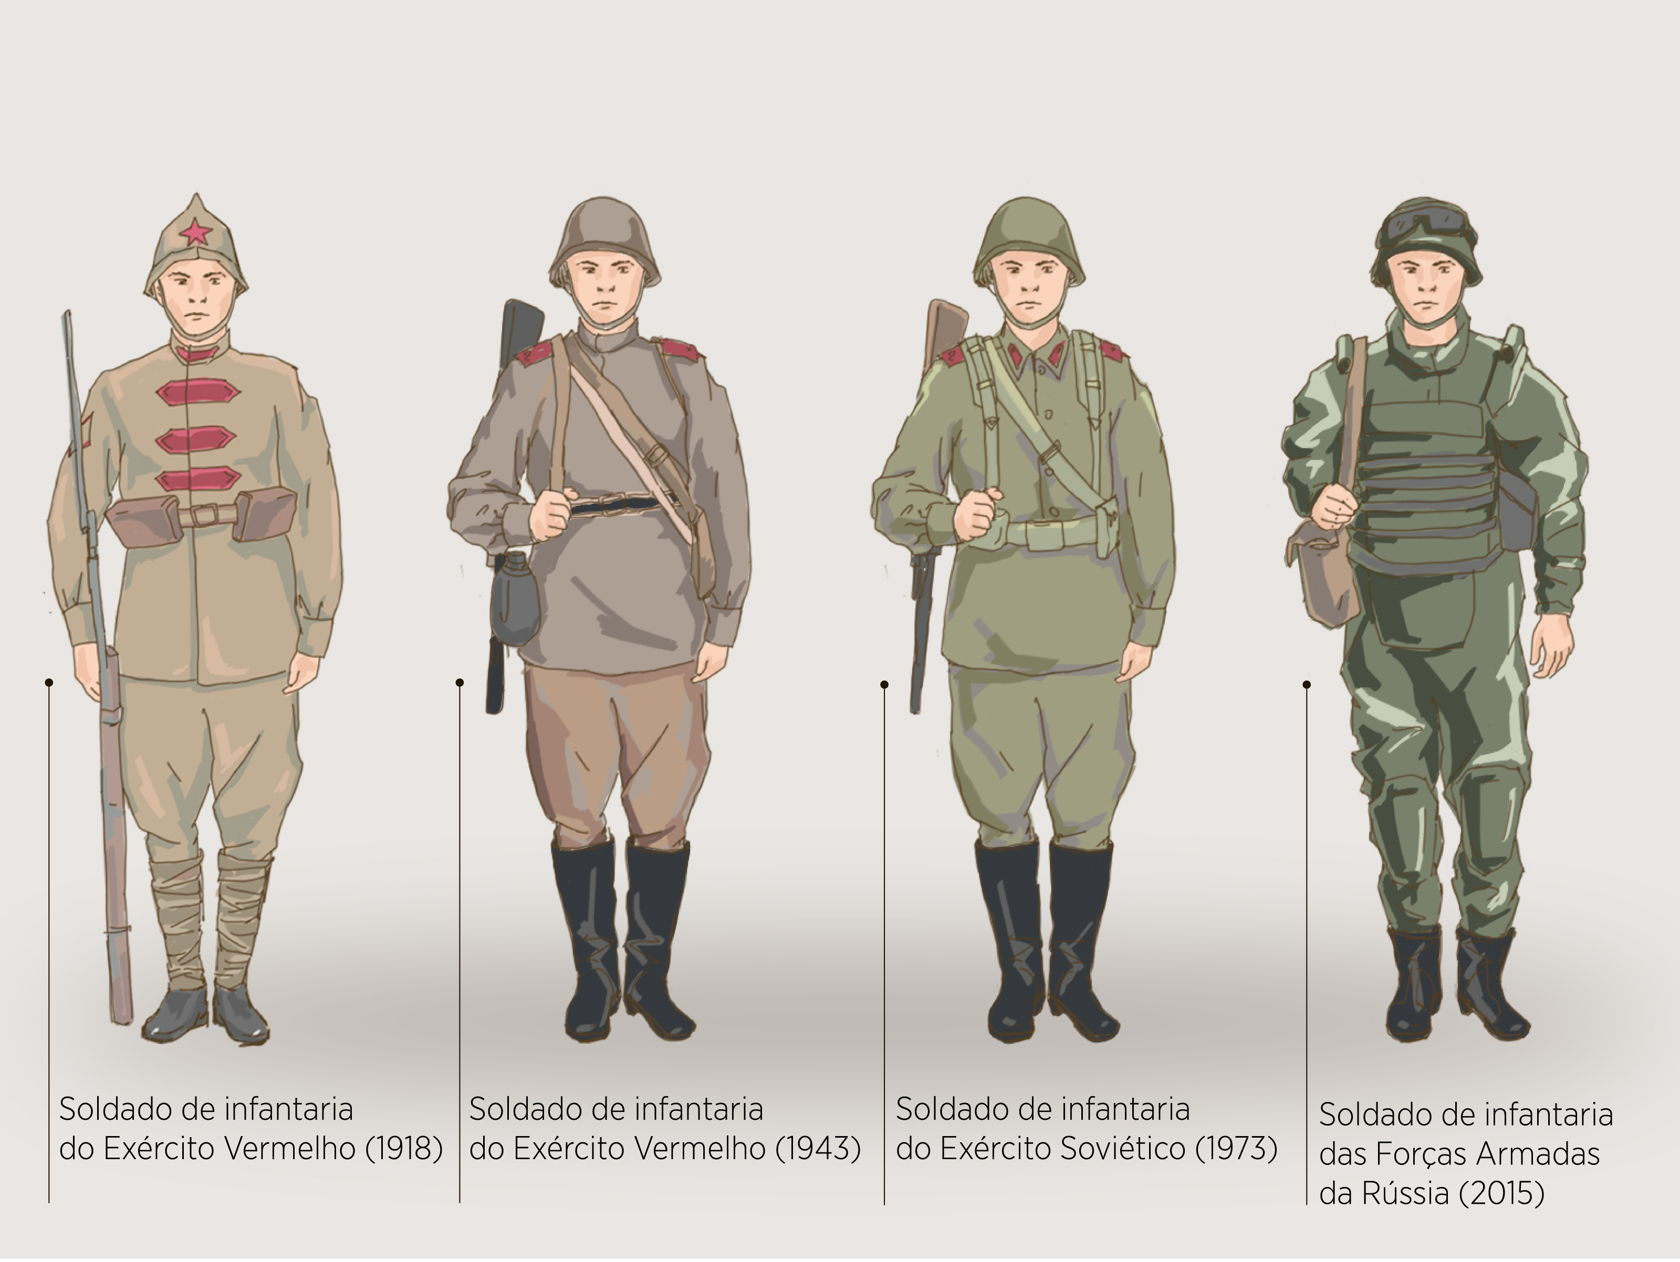 e522d197cf839 A evolução do uniforme do soldado de infantaria russo-soviético com o  passar das décadas